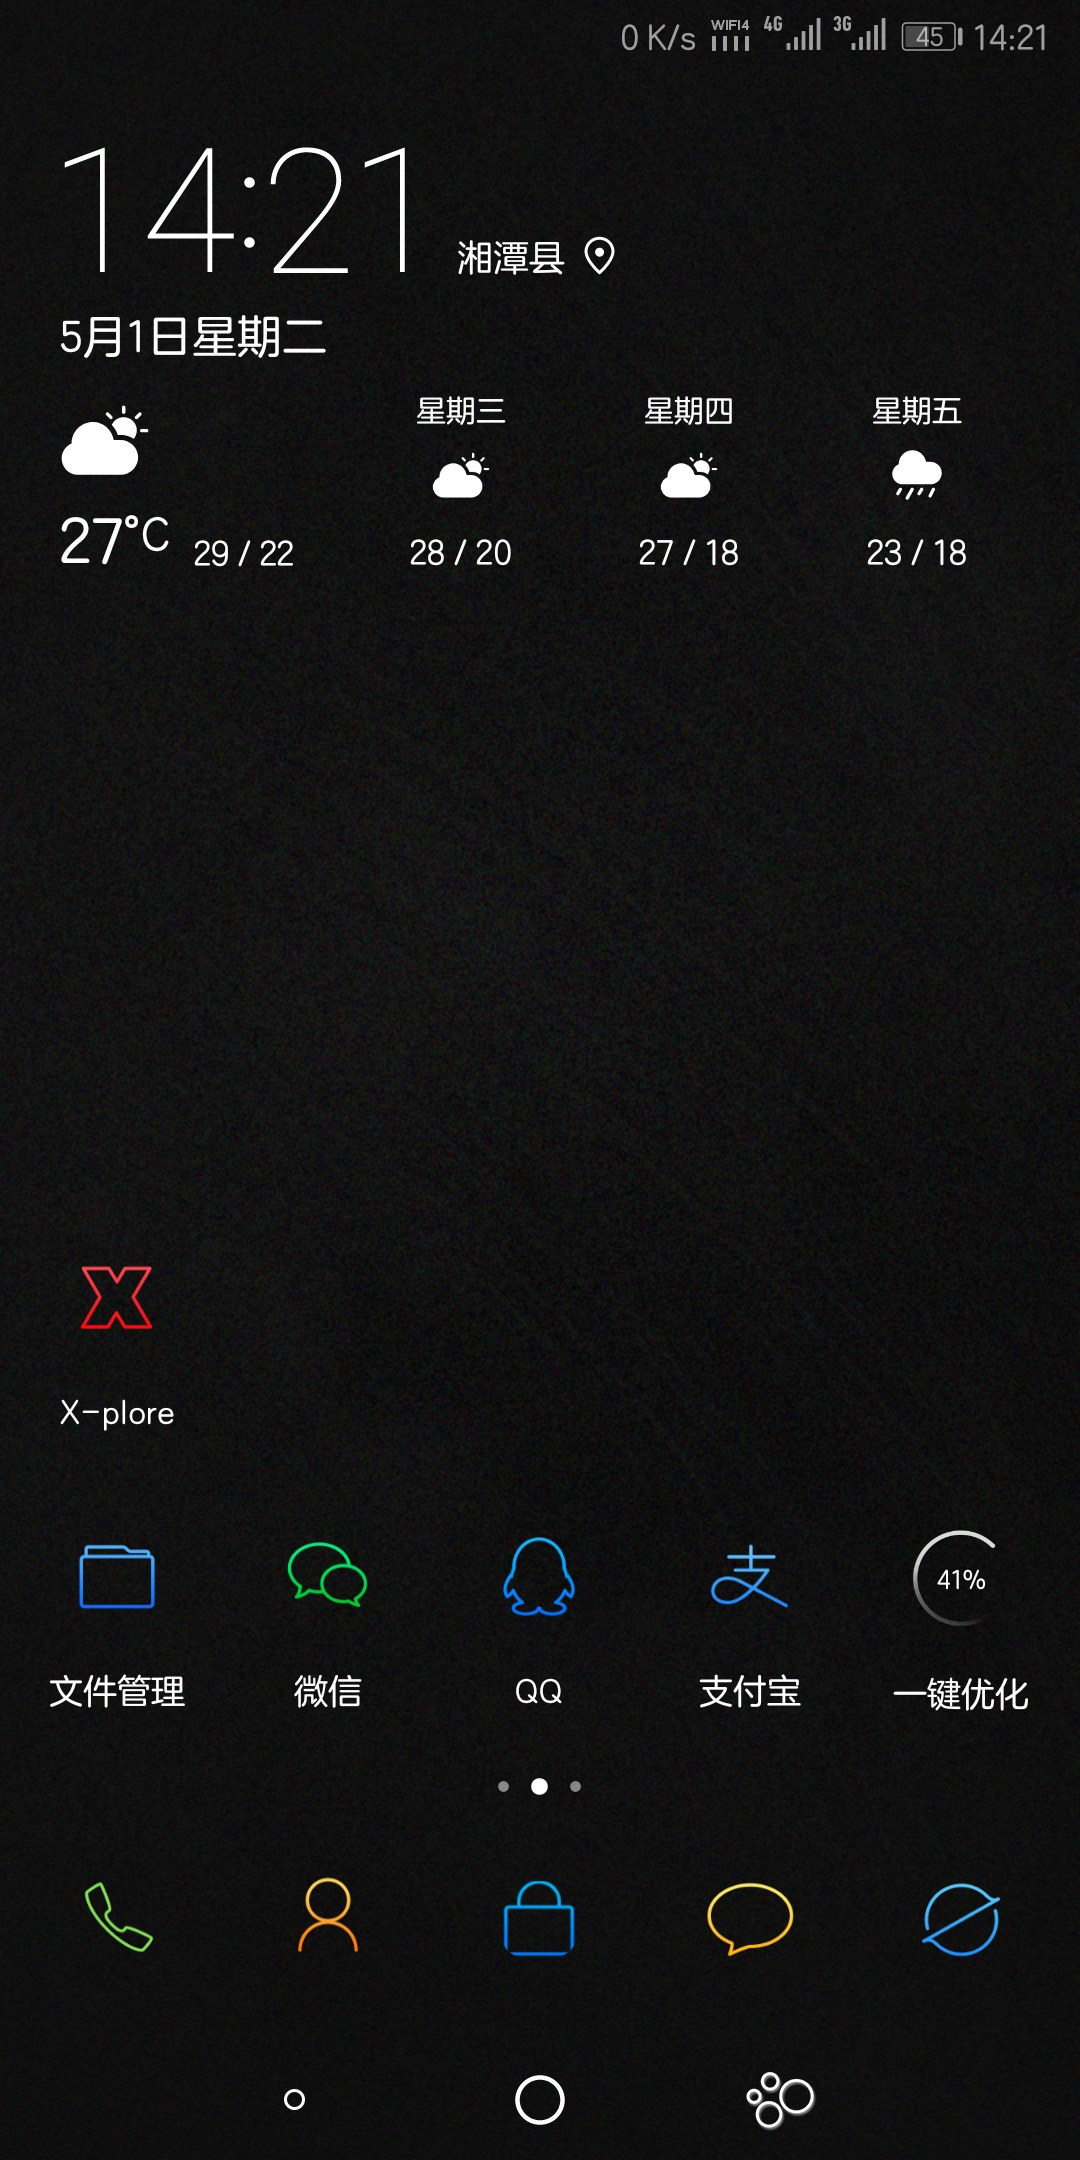 preview_widget_0.jpg